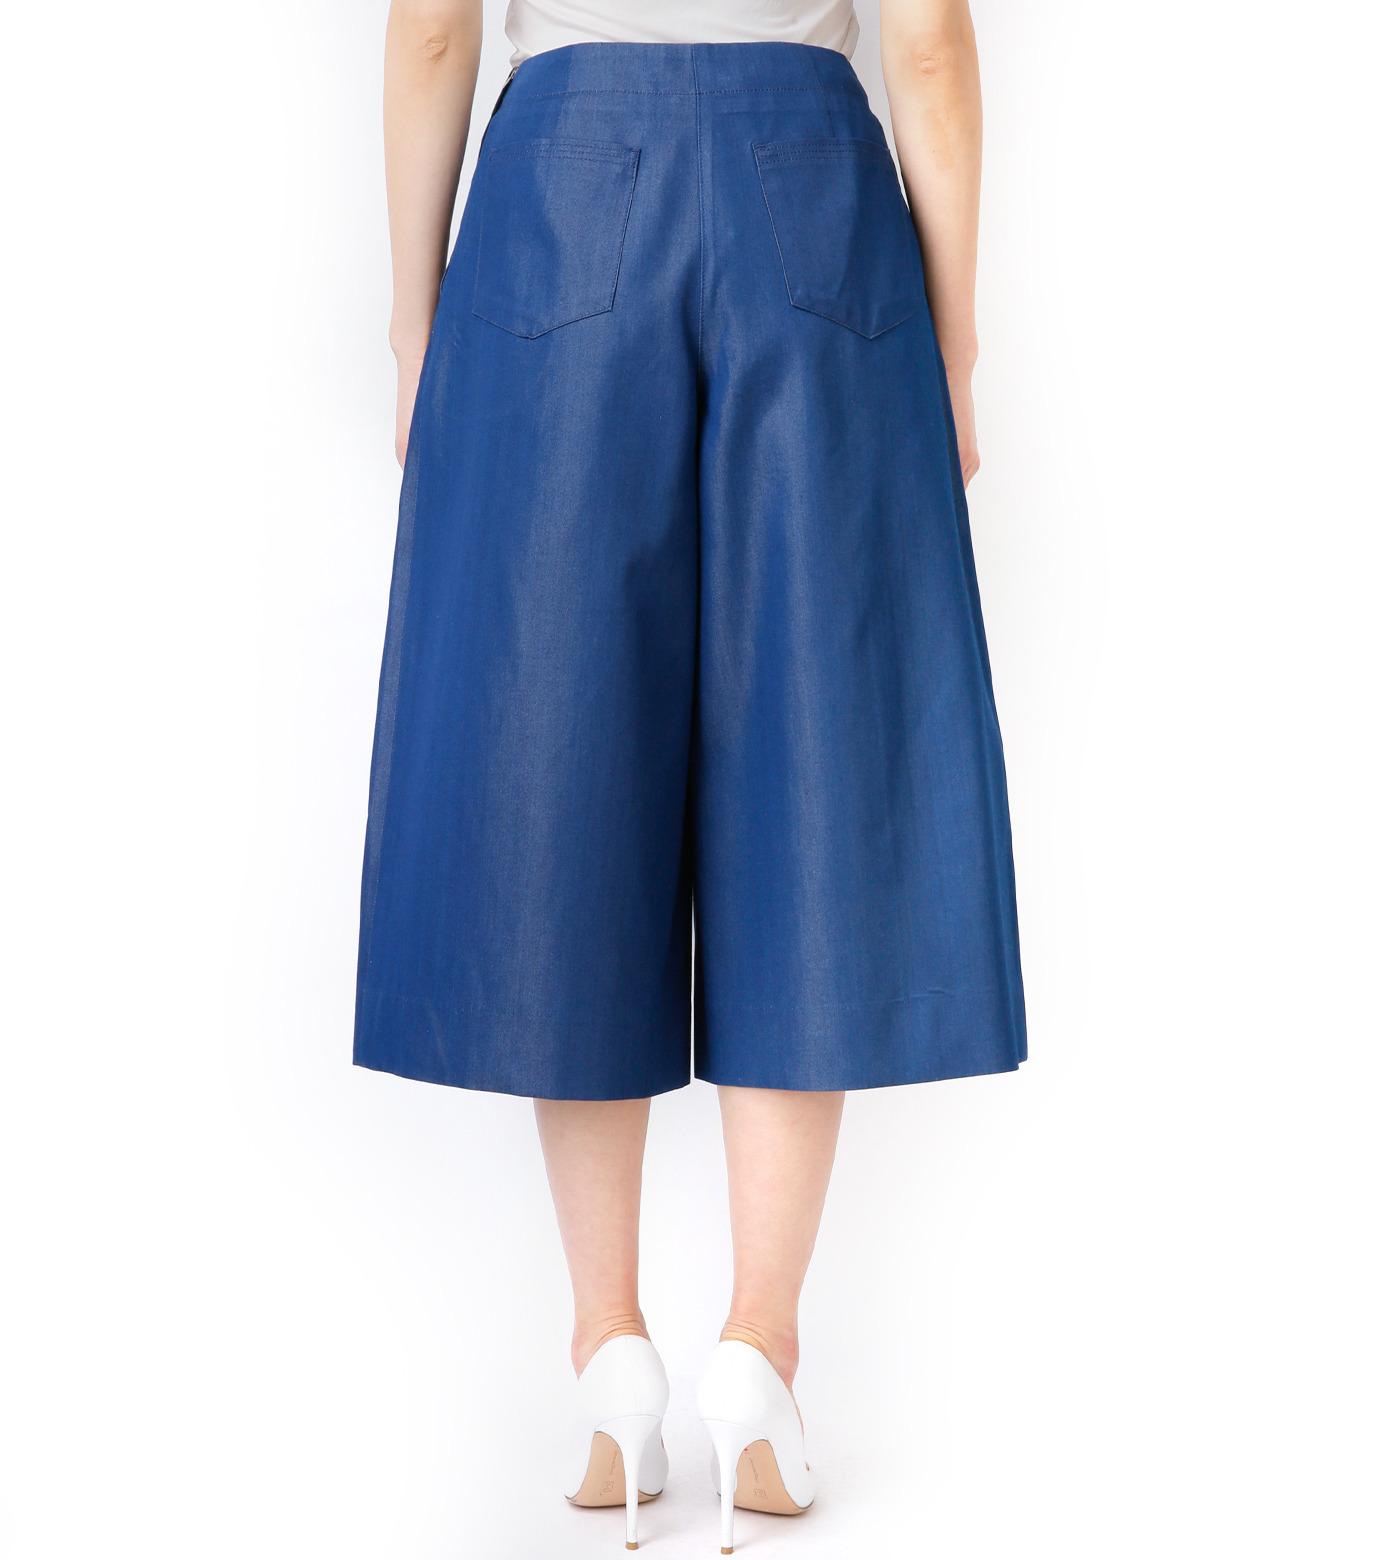 LE CIEL BLEU(ルシェルブルー)のデニムバミューダーパンツ-BLUE(パンツ/pants)-17S68027 拡大詳細画像5